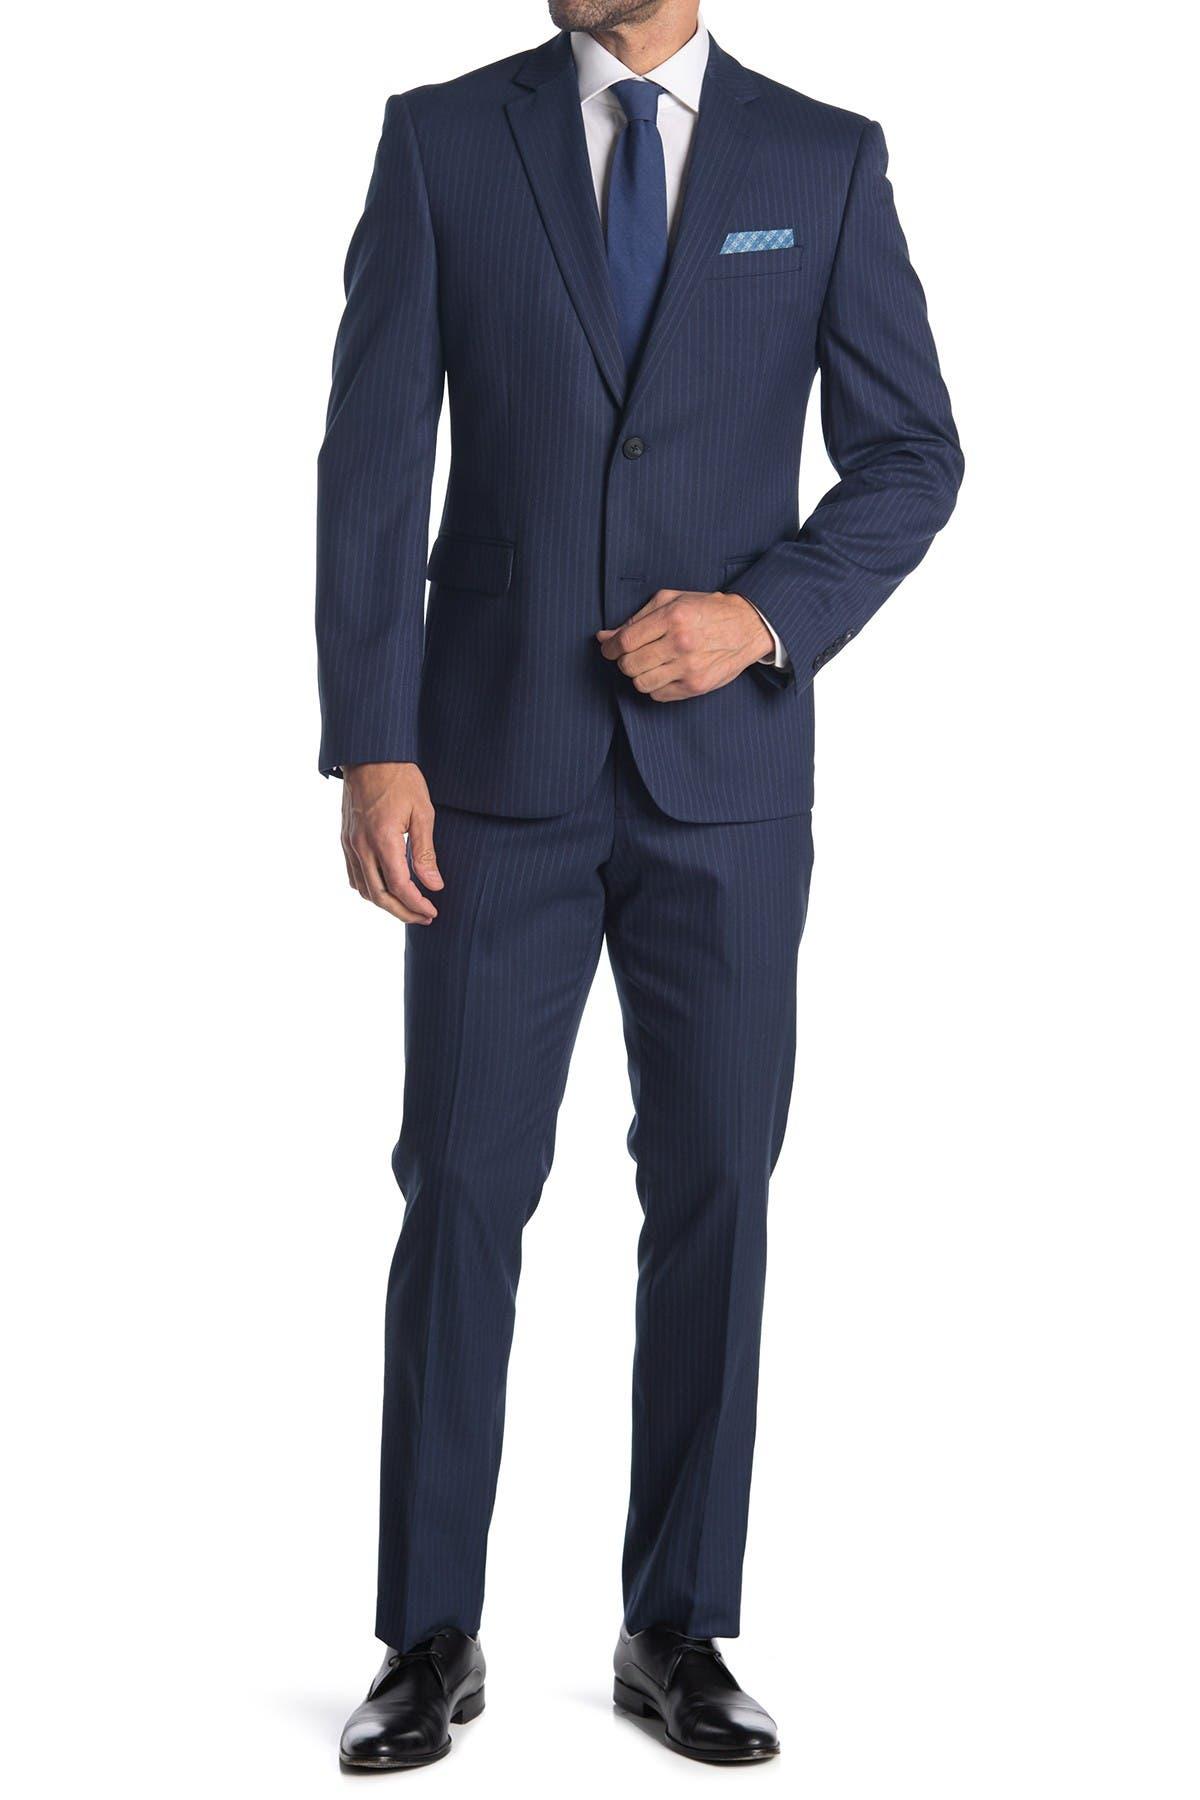 Image of Perry Ellis Dark Blue Stripe Two Button Notch Lapel Slim Fit Suit